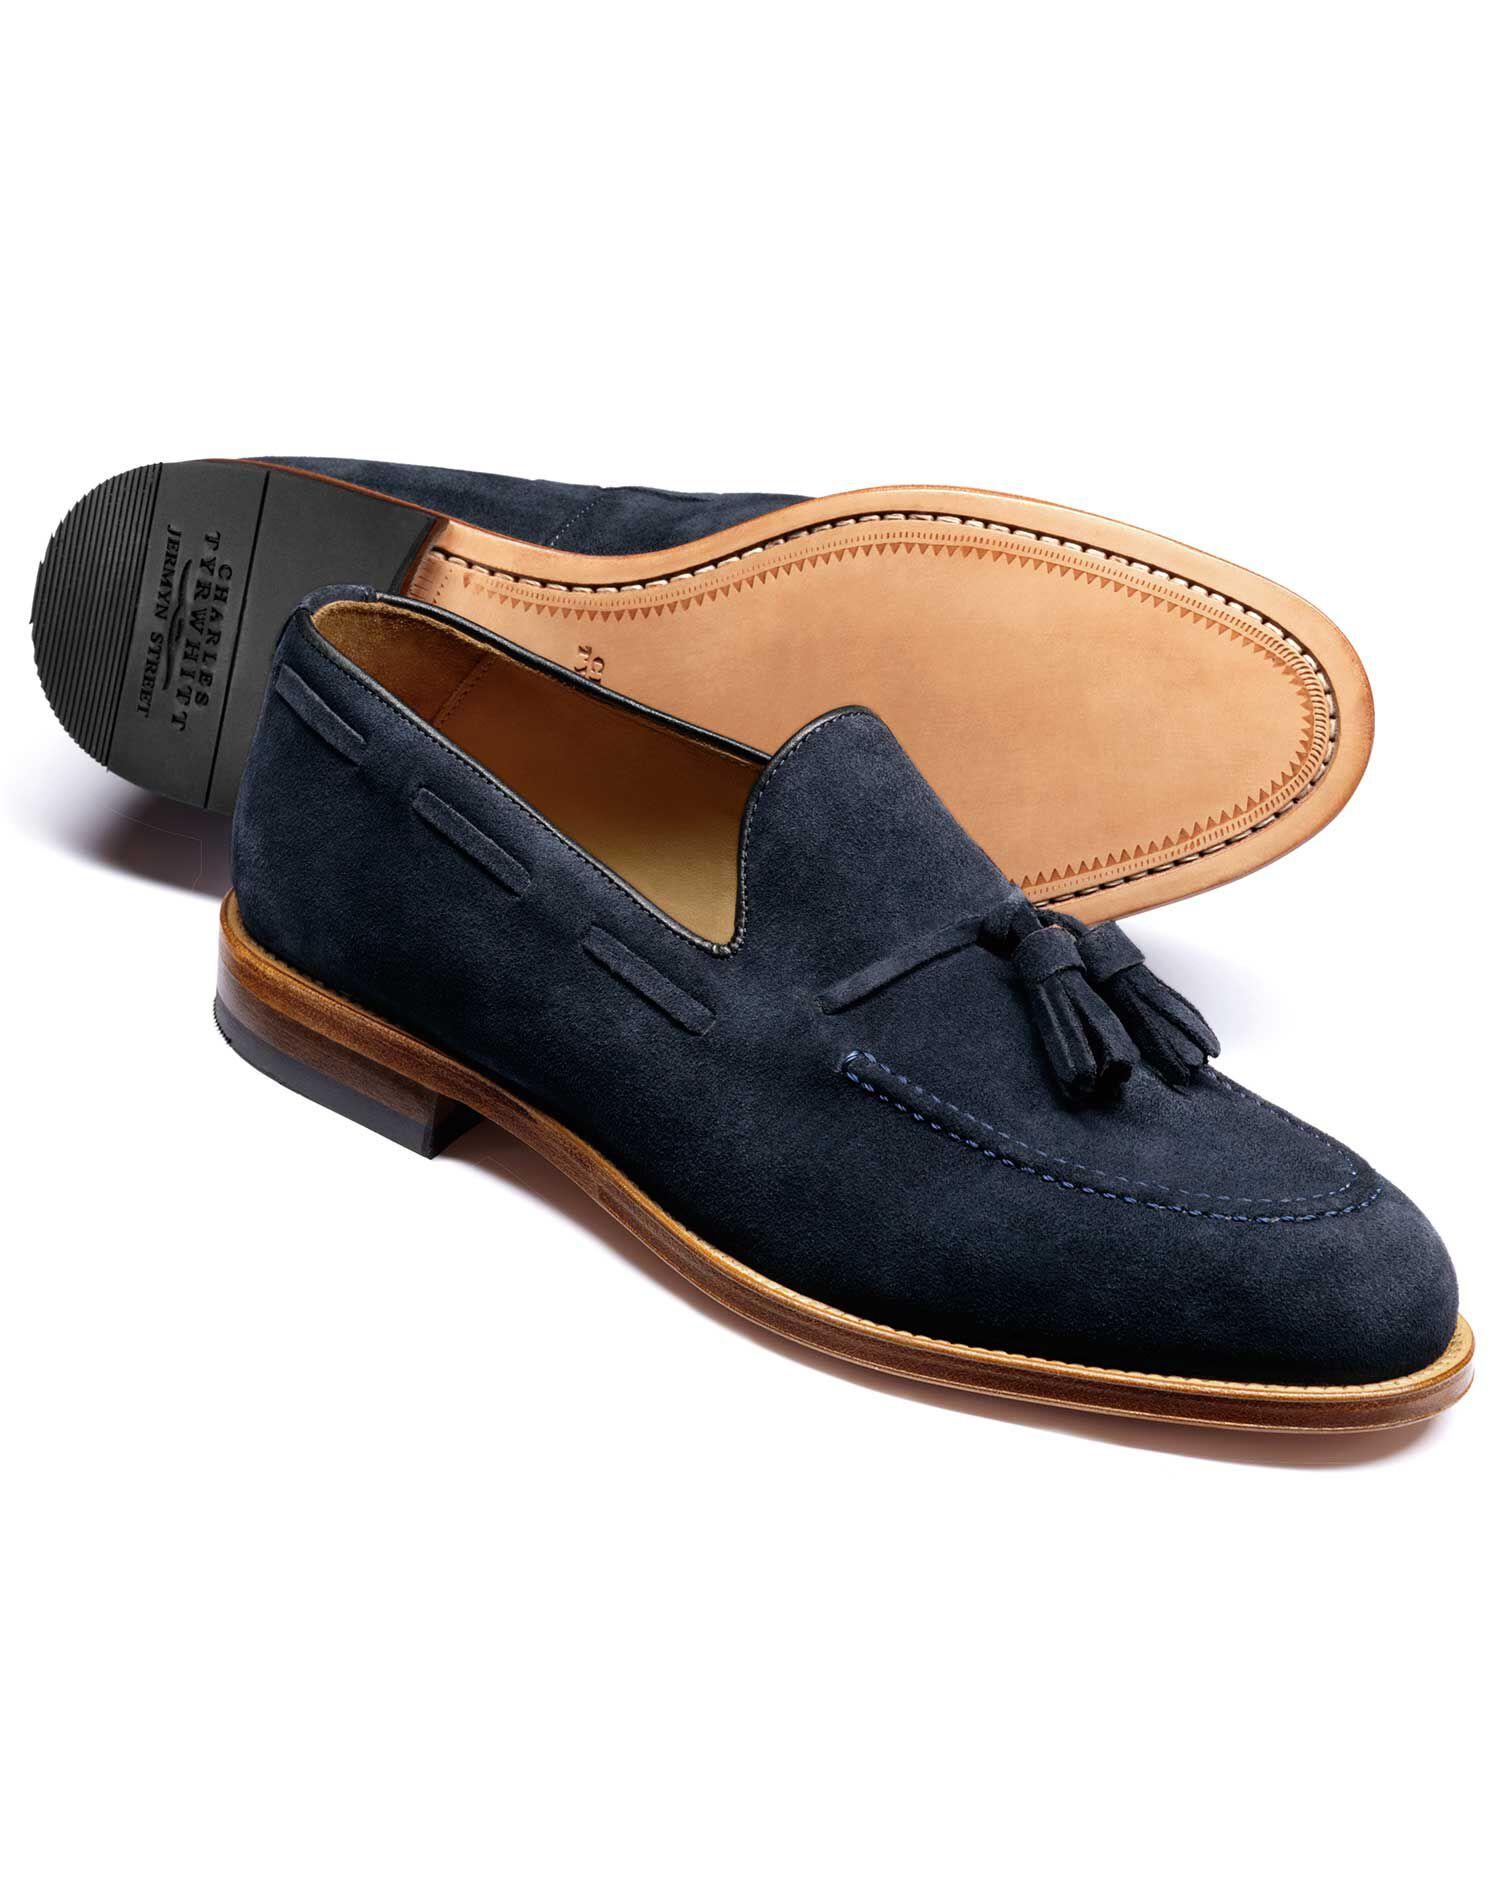 Blue Keybridge Suede Tassel Loafers Size 6 by Charles Tyrwhitt